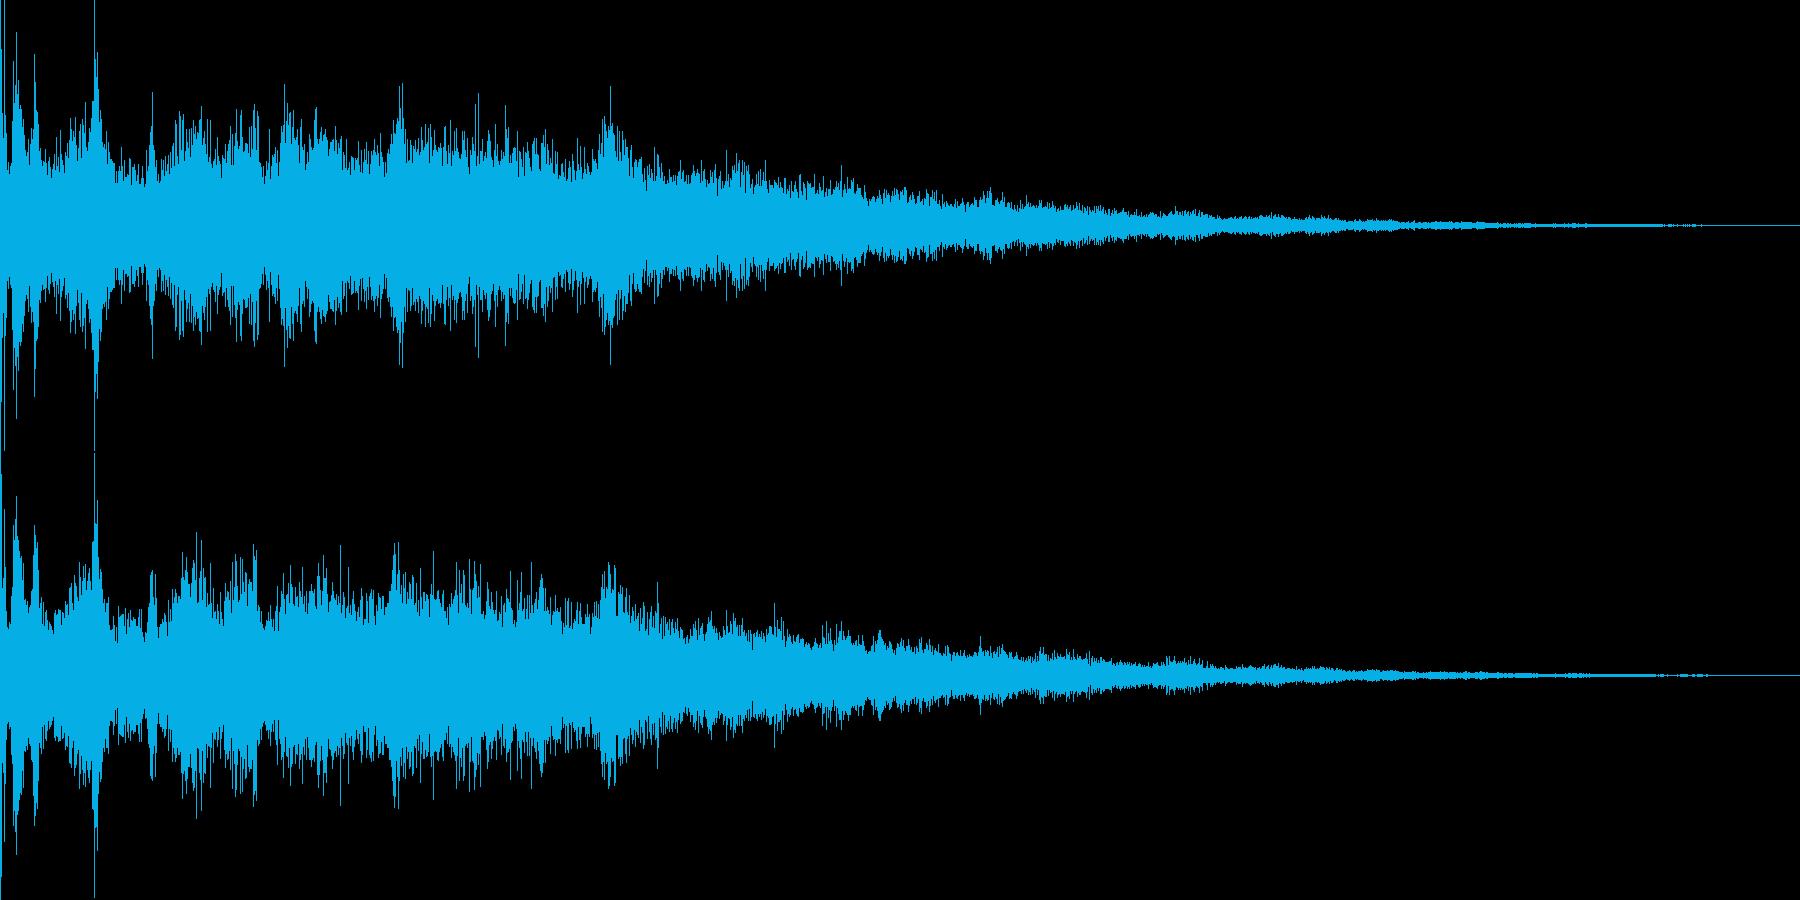 氷魔法02(冷気属性魔法)の再生済みの波形